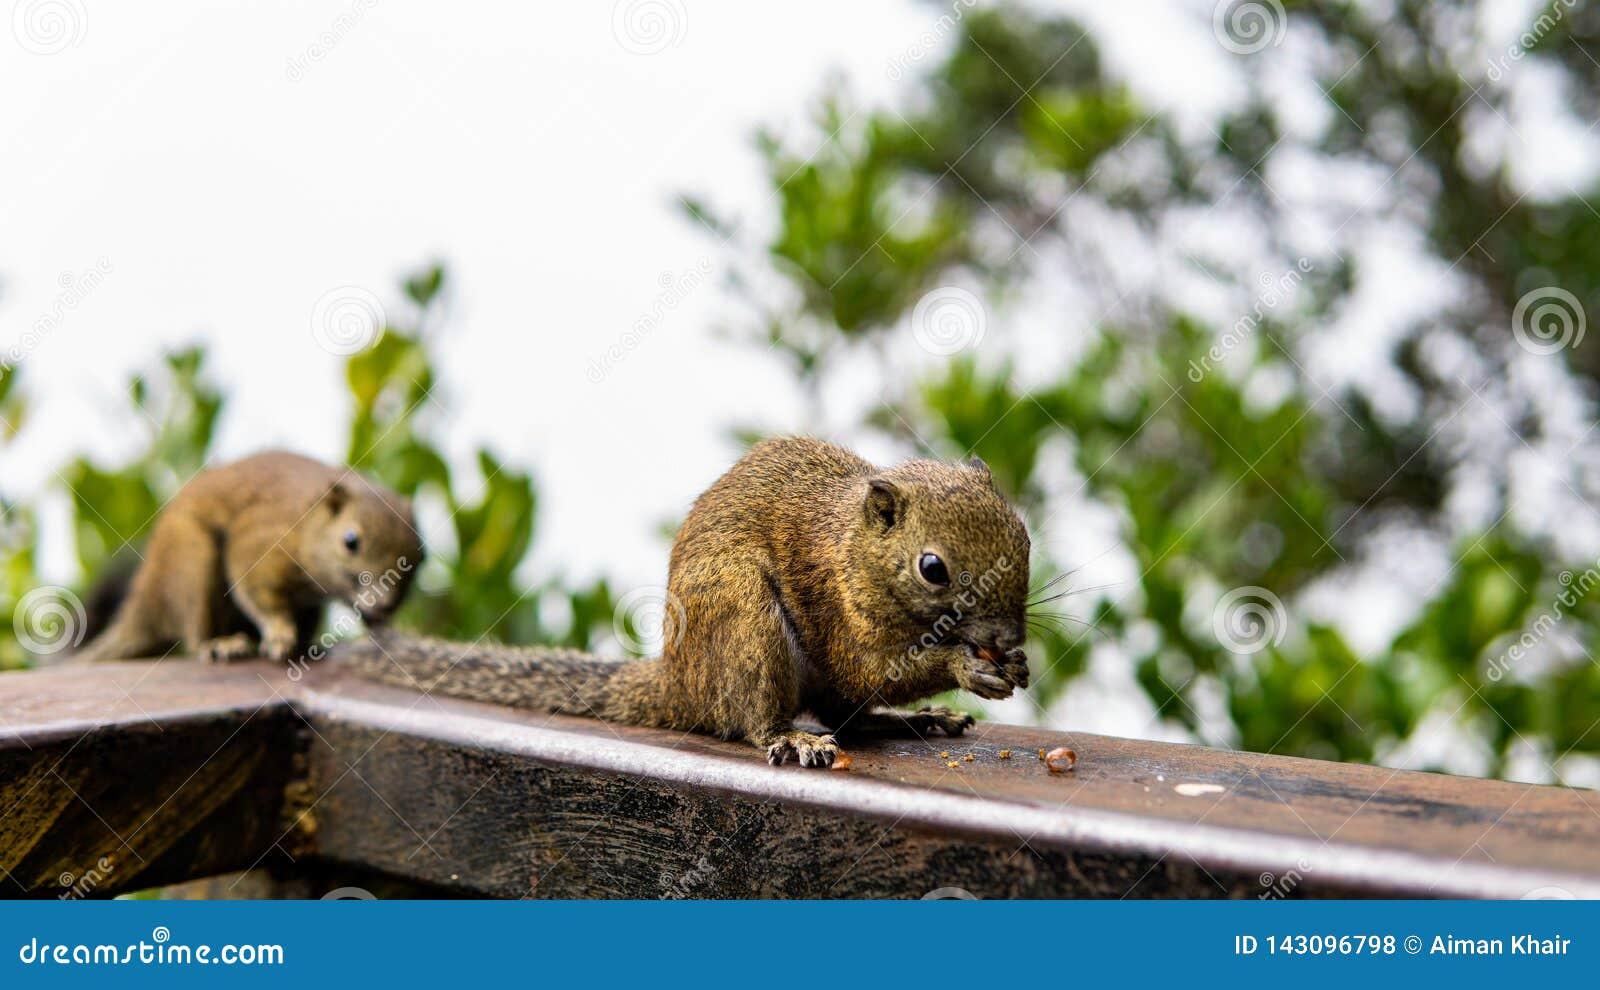 Deux écureuils mangeant des écrous dans les bois